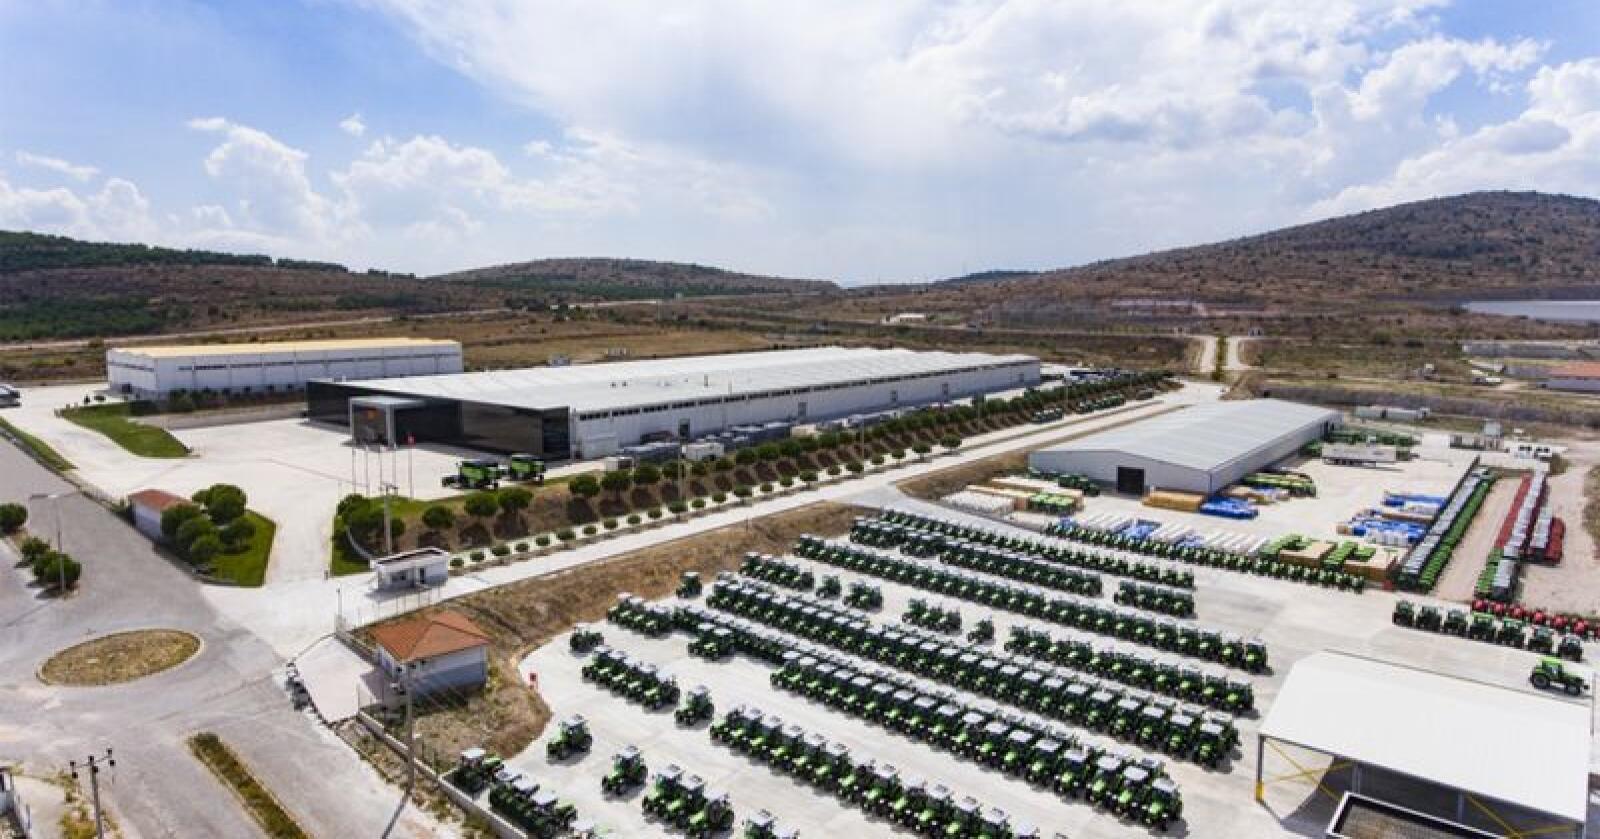 SDFs nye fabrikkanlegg i Bandirma har en produksjonskapasitet på 15.000 traktorer per år. (Foto: SDF)